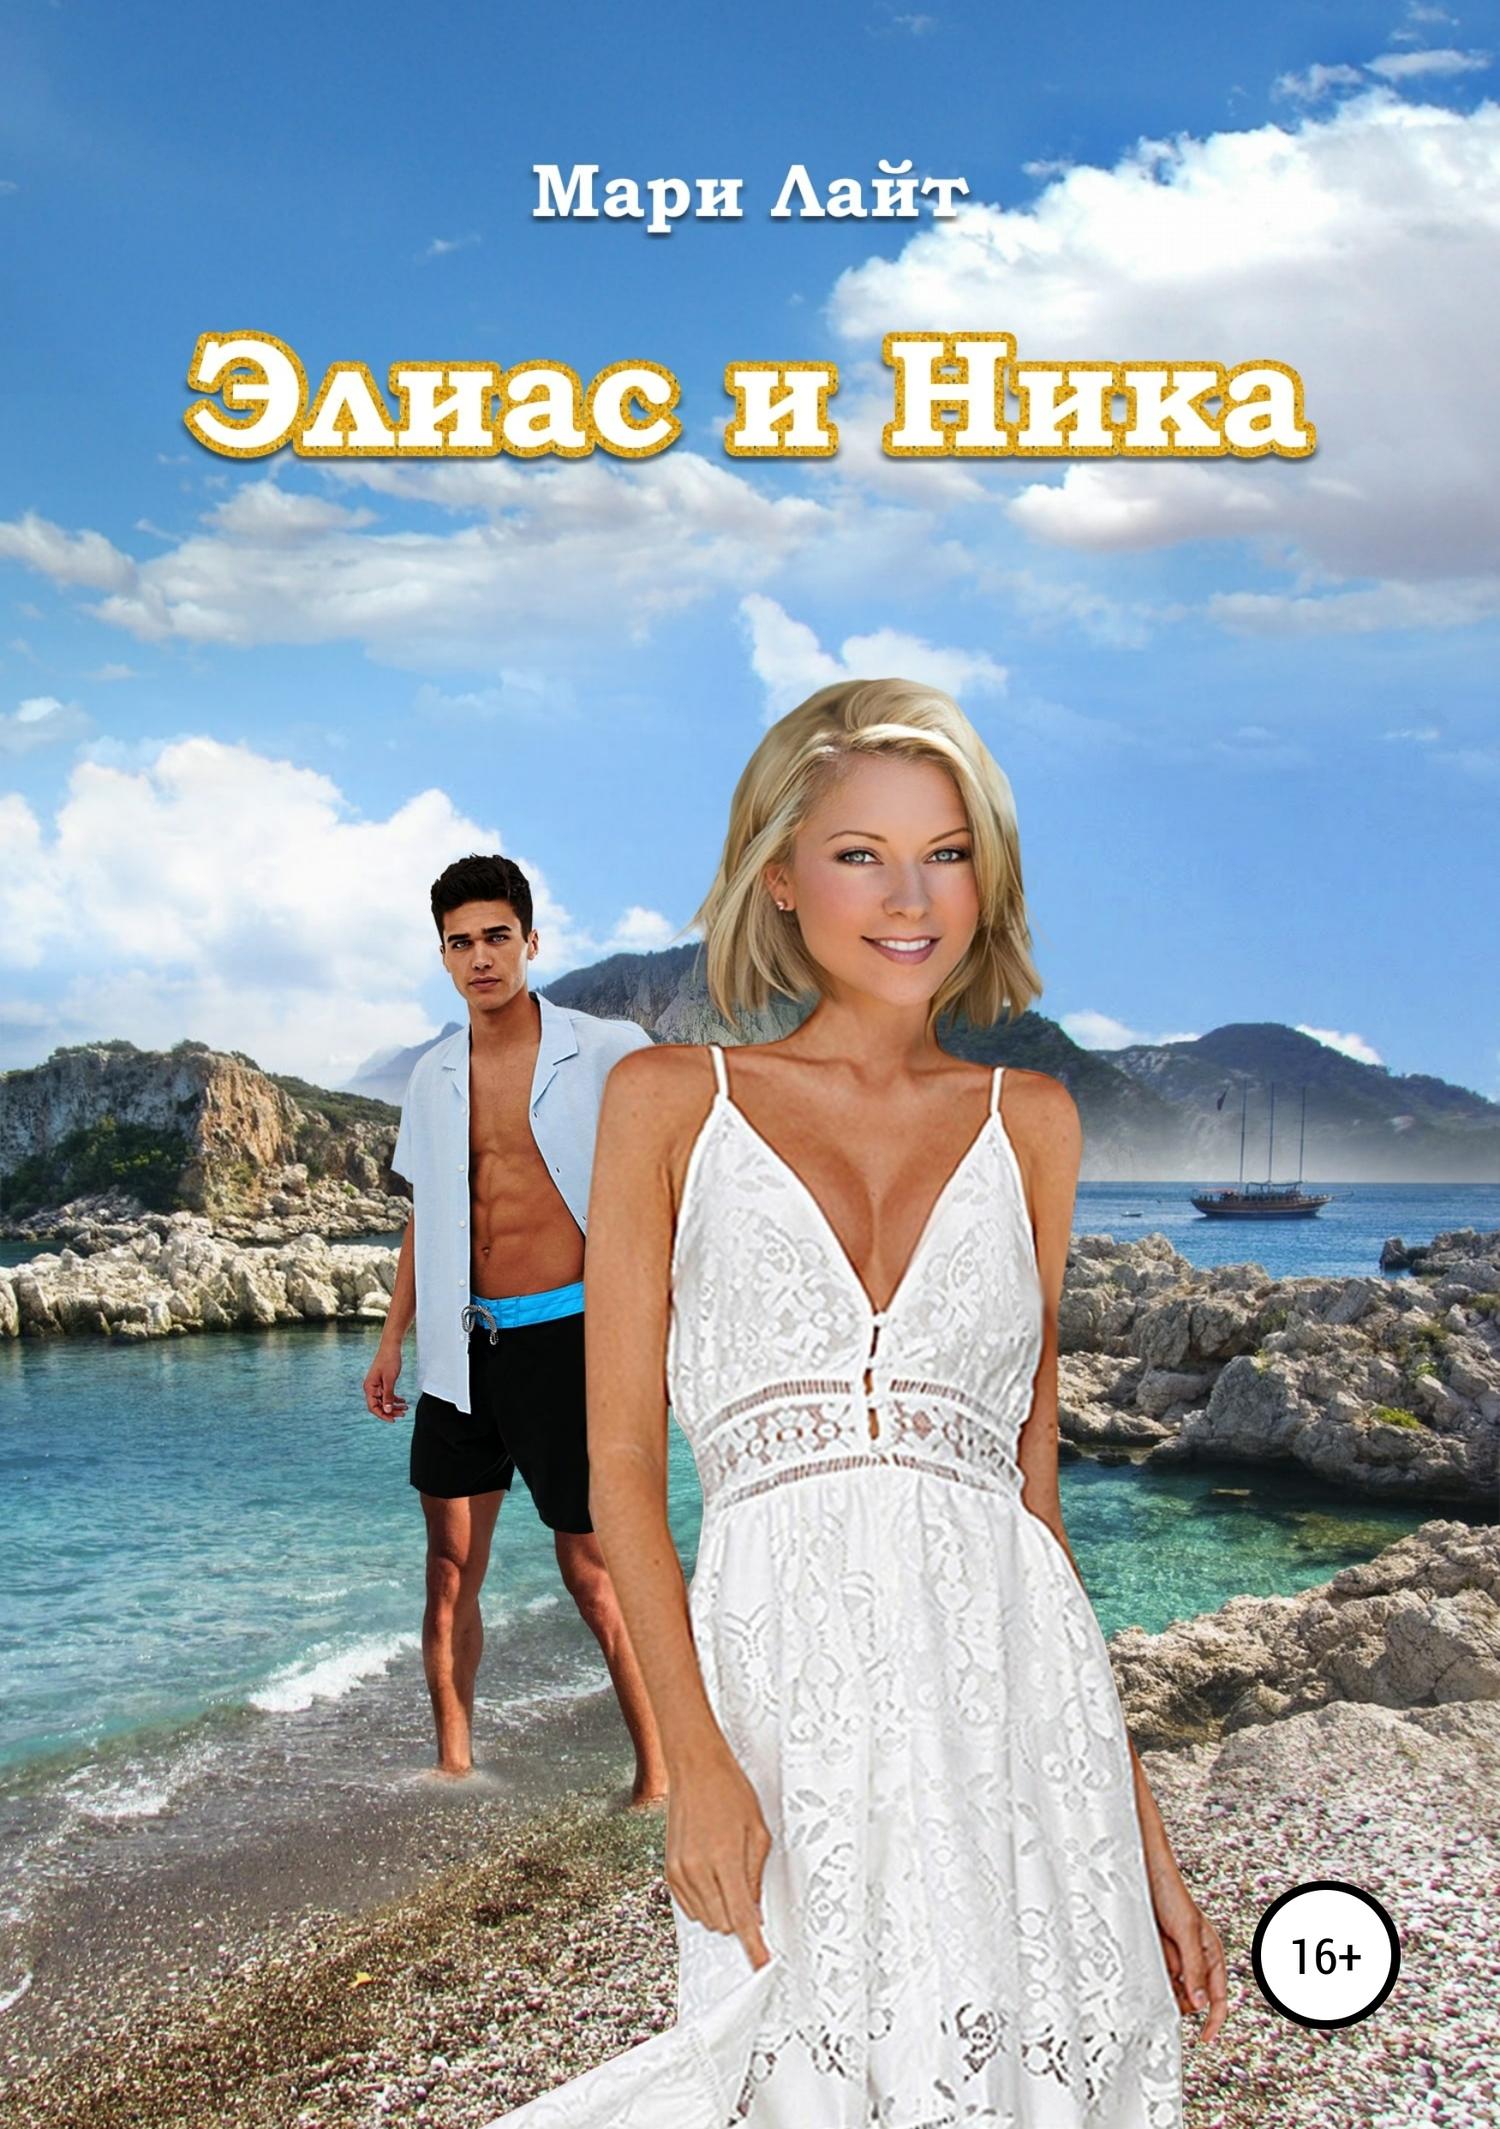 Элиас и Ника